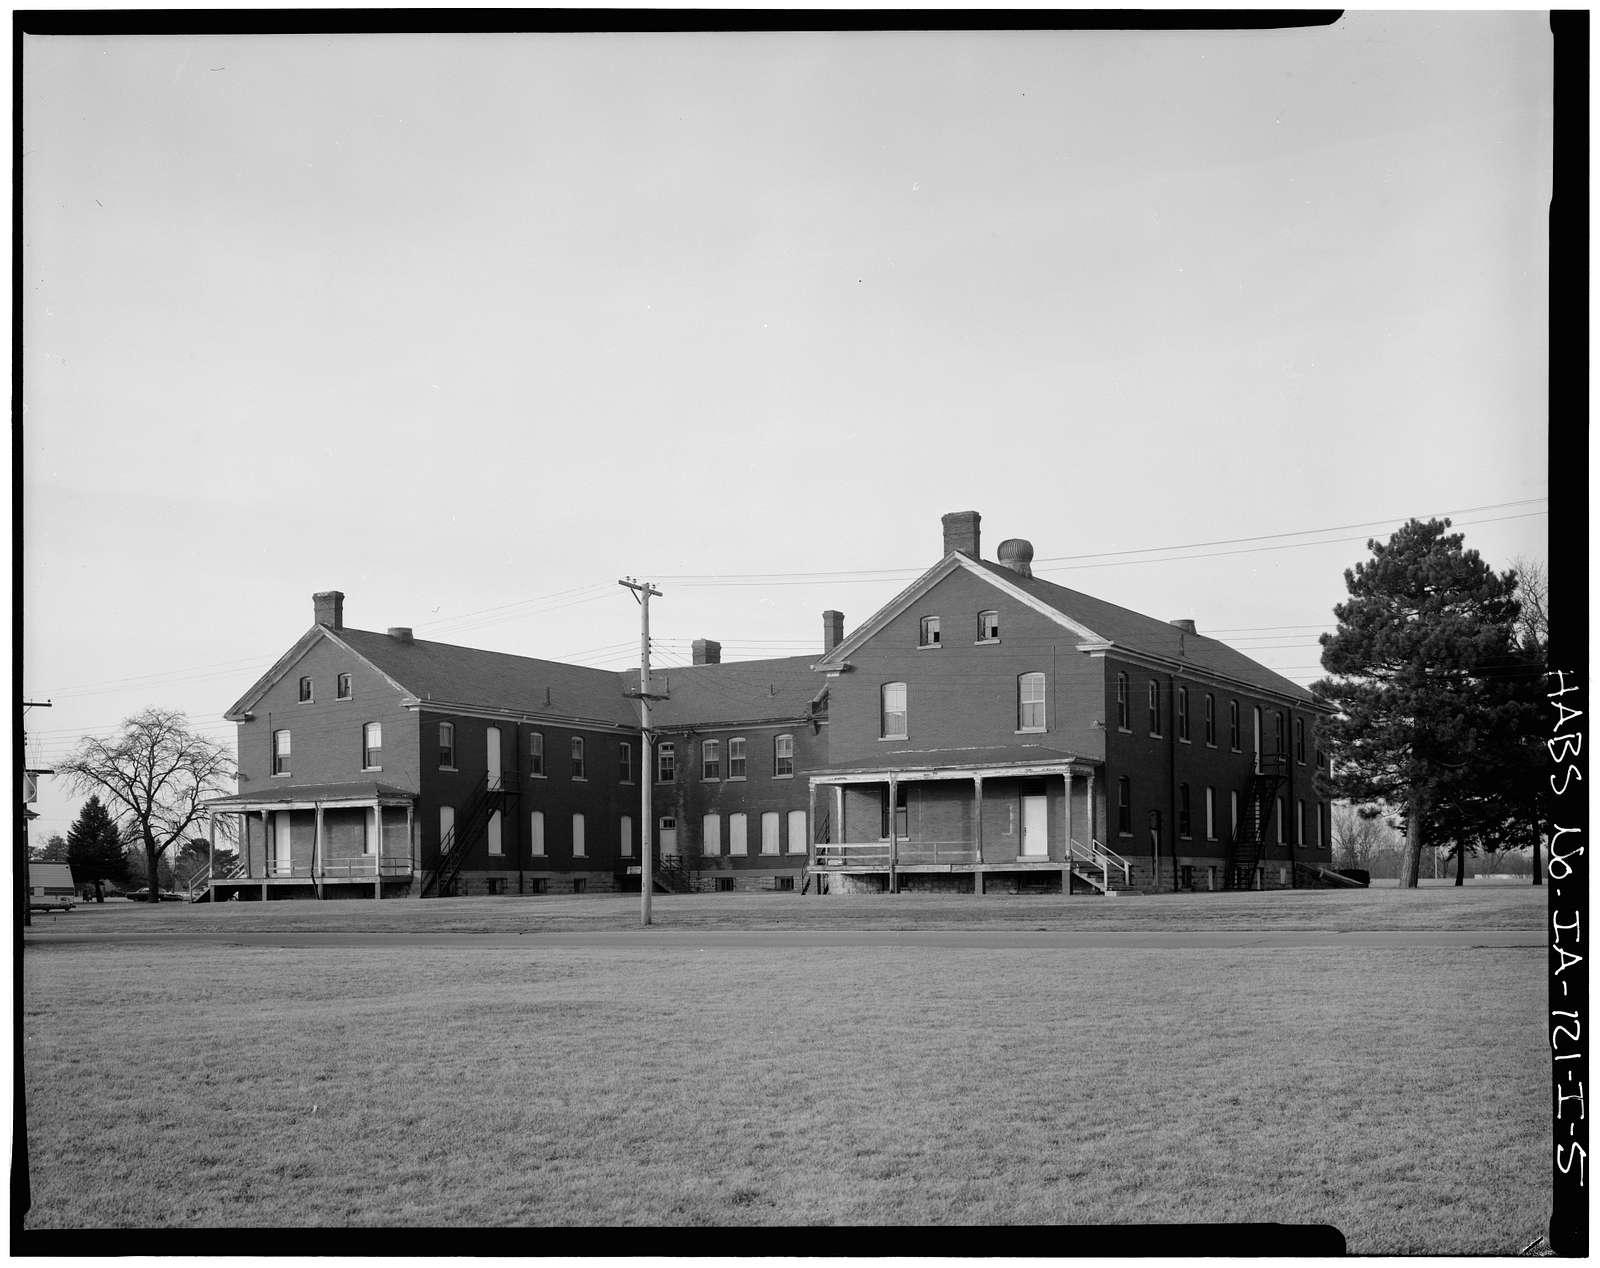 Fort Des Moines Historic Complex, Building Nos. 61-62, Des Moines, Polk County, IA